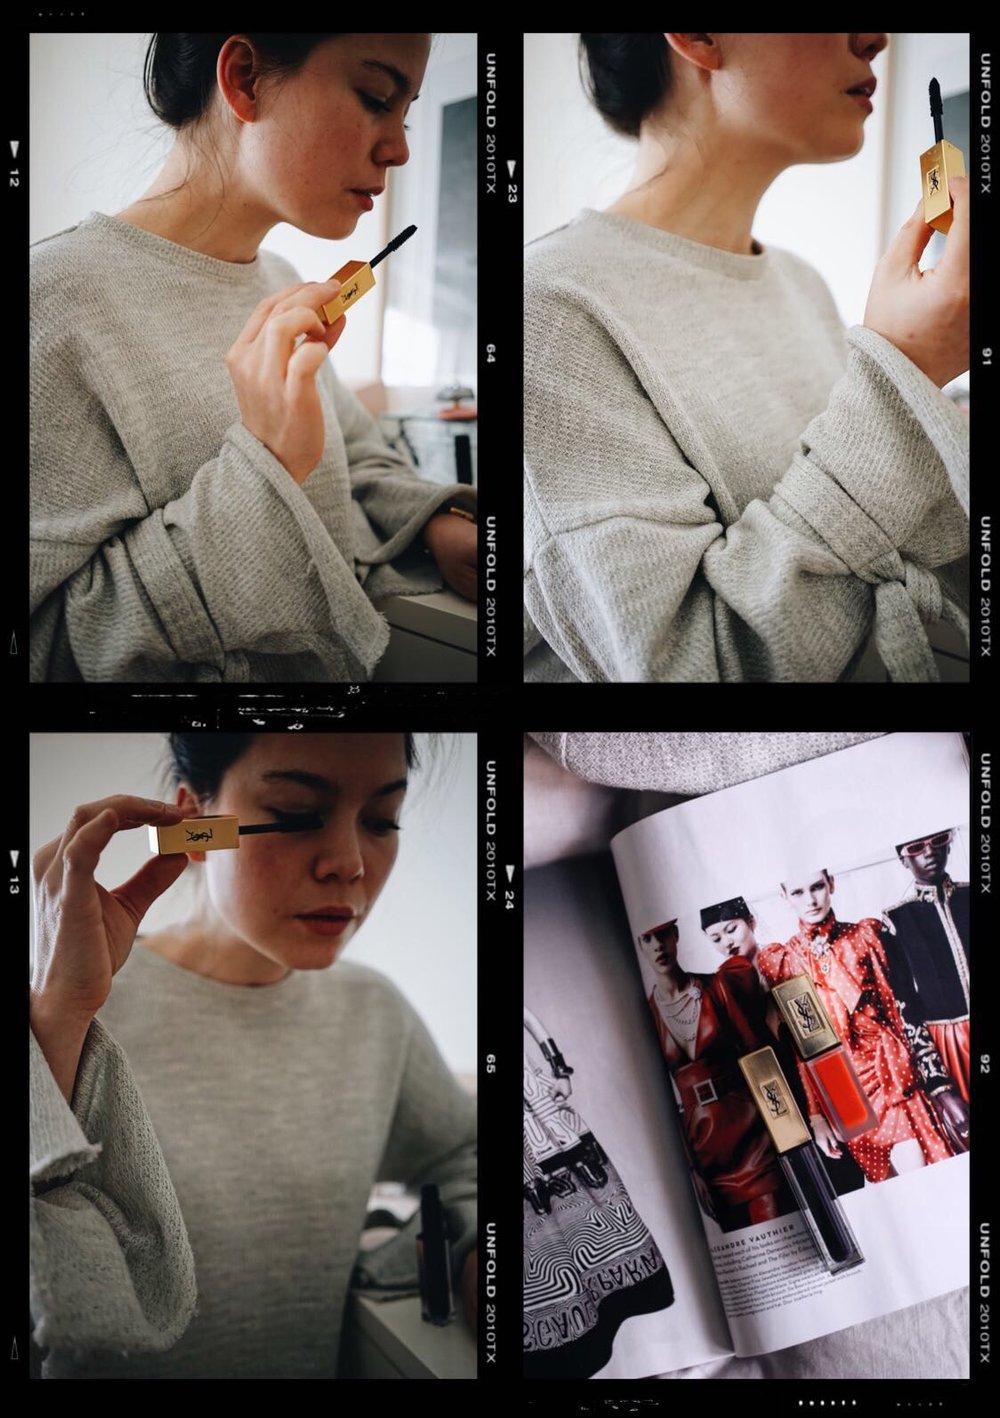 YSL Mascara Lei Lady Lei Blog